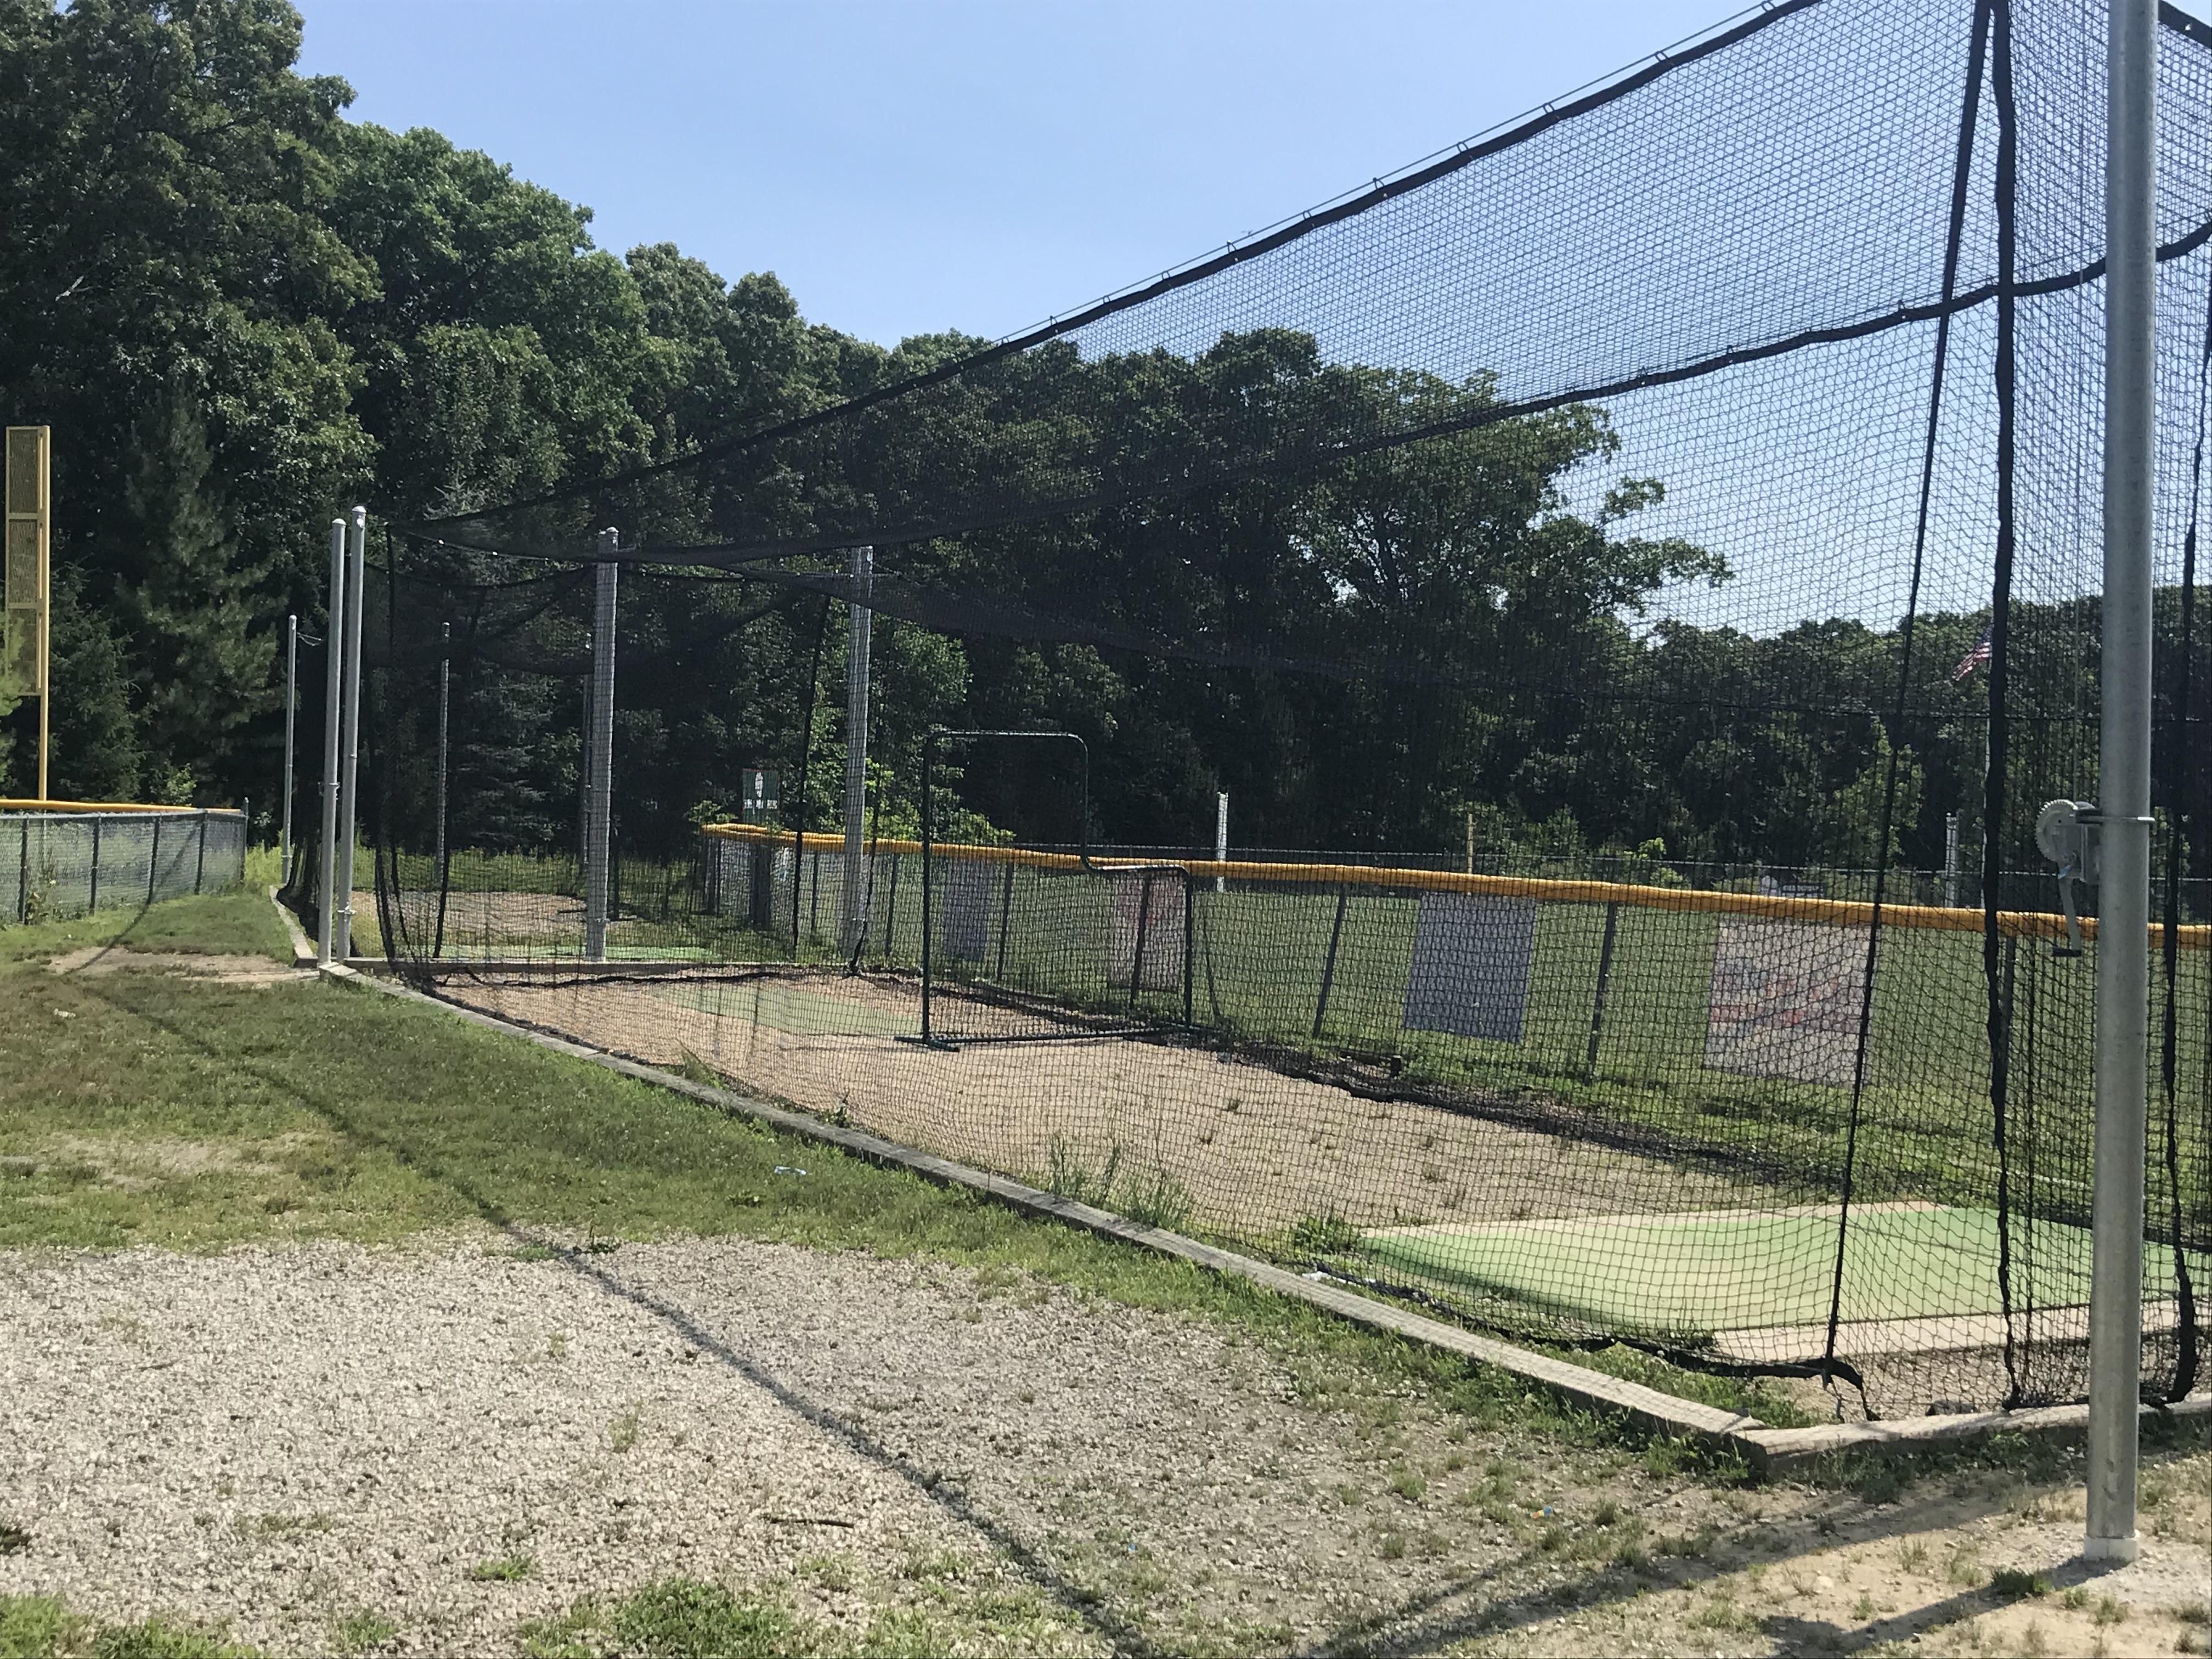 3 Batting Cages back-to-back